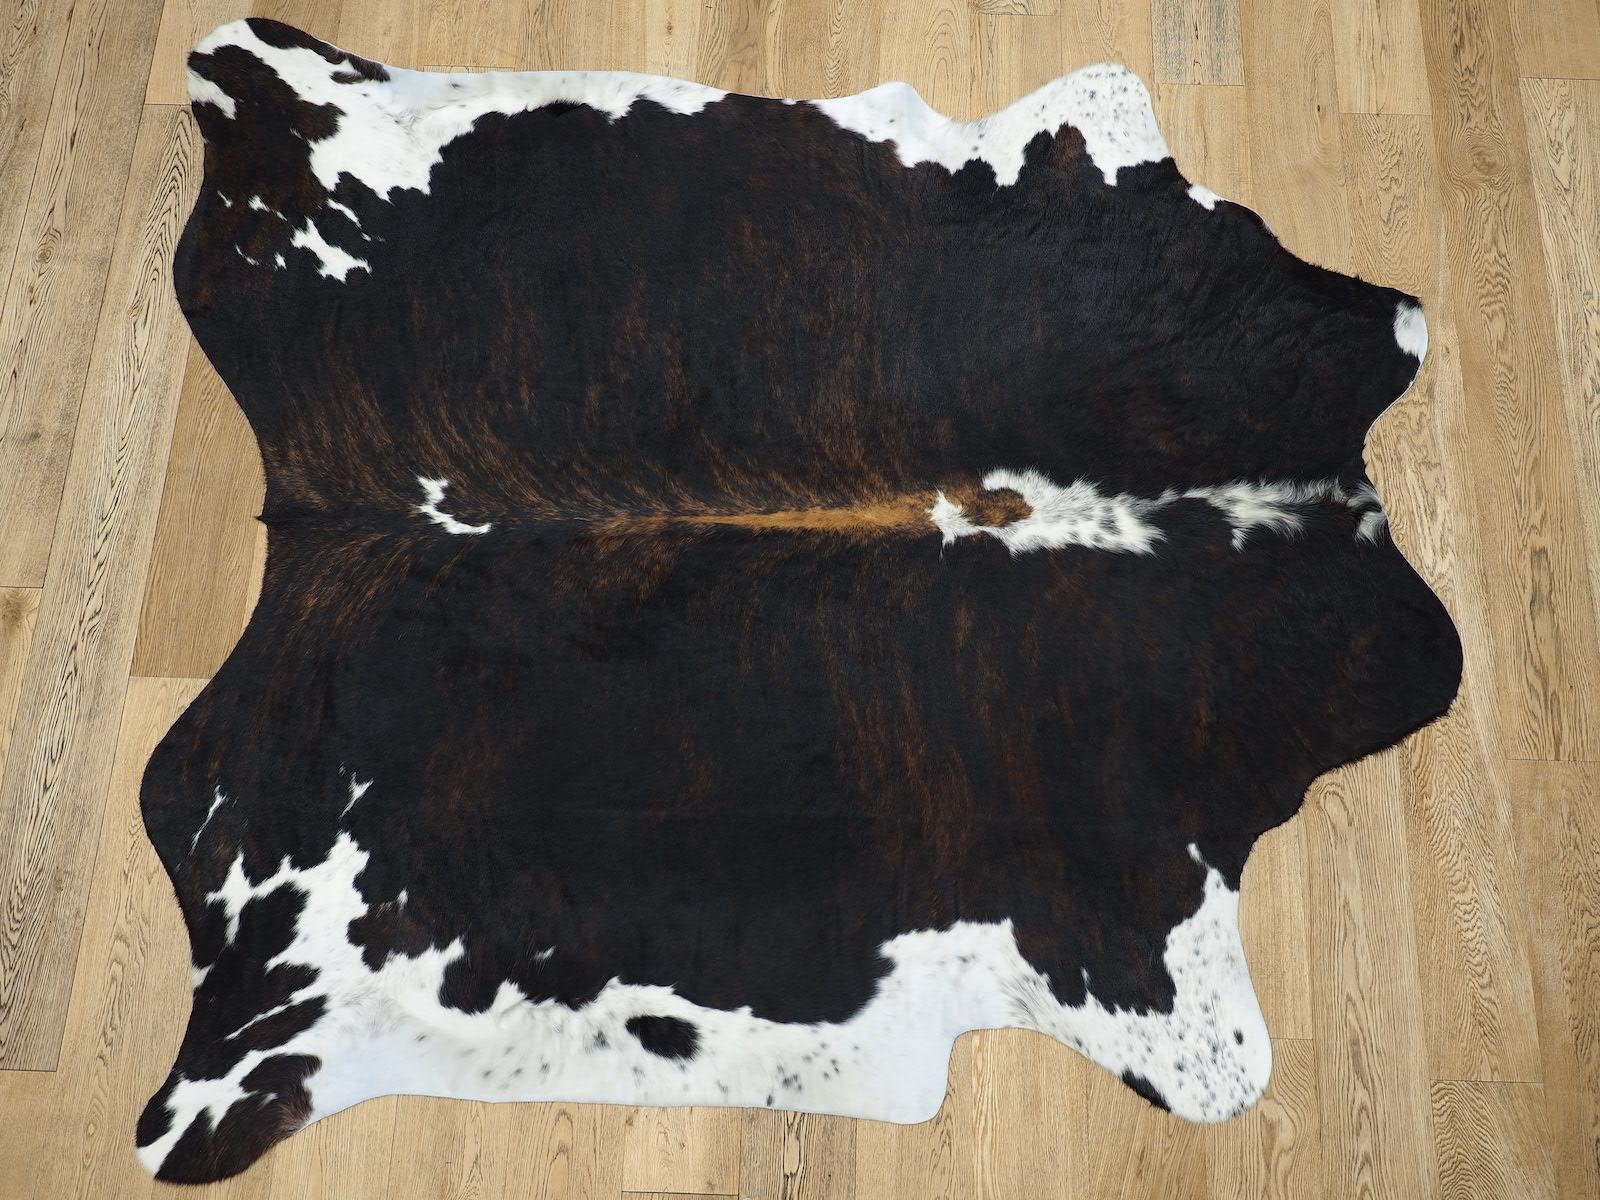 Шкура коровы натуральная арт. 25385